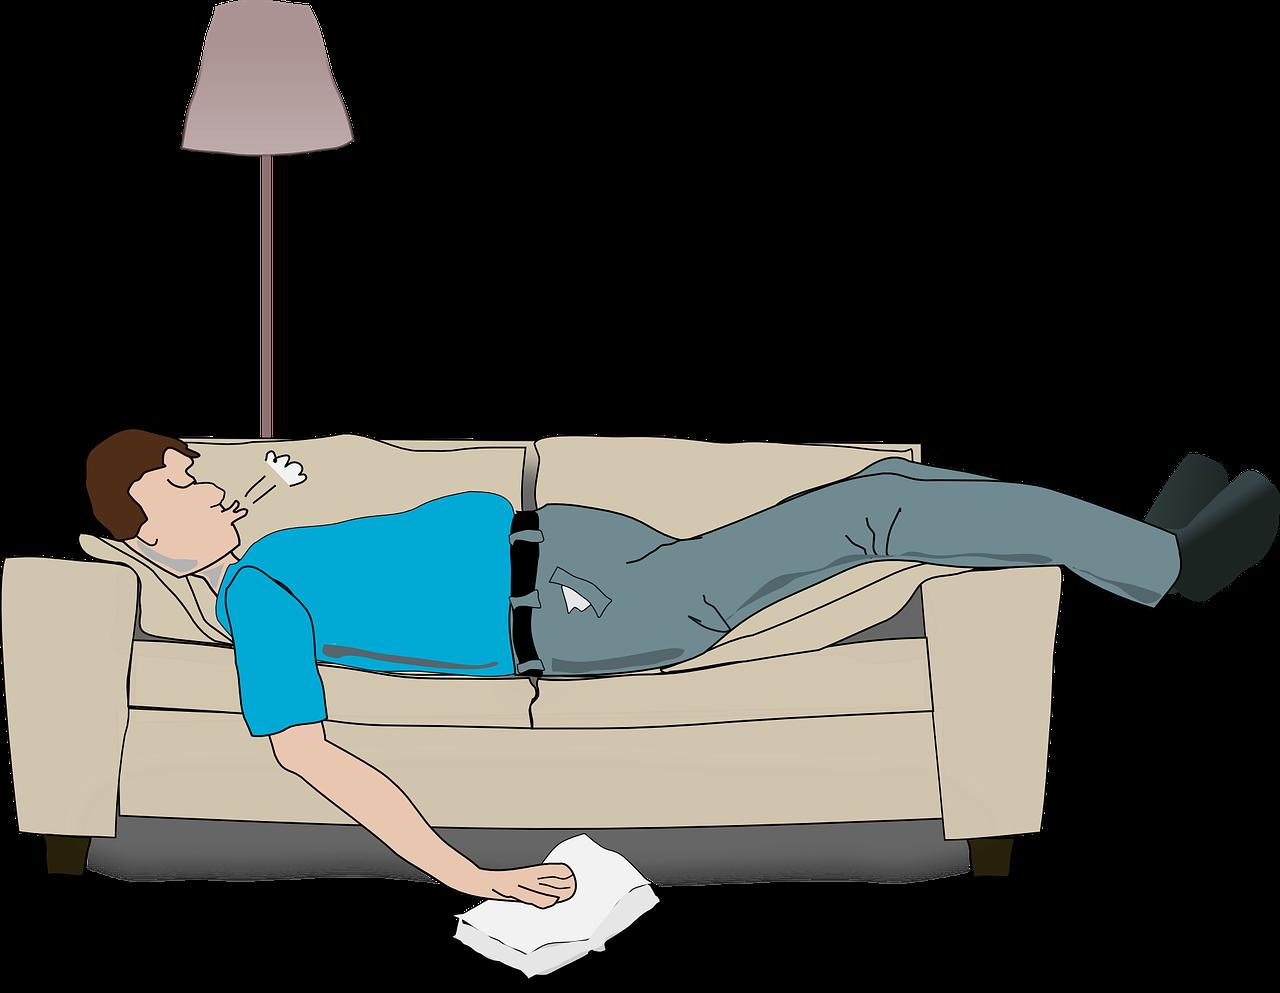 صور اسباب الشخير , عوامل تدهشك لحدوث الشخير اثناء النوم